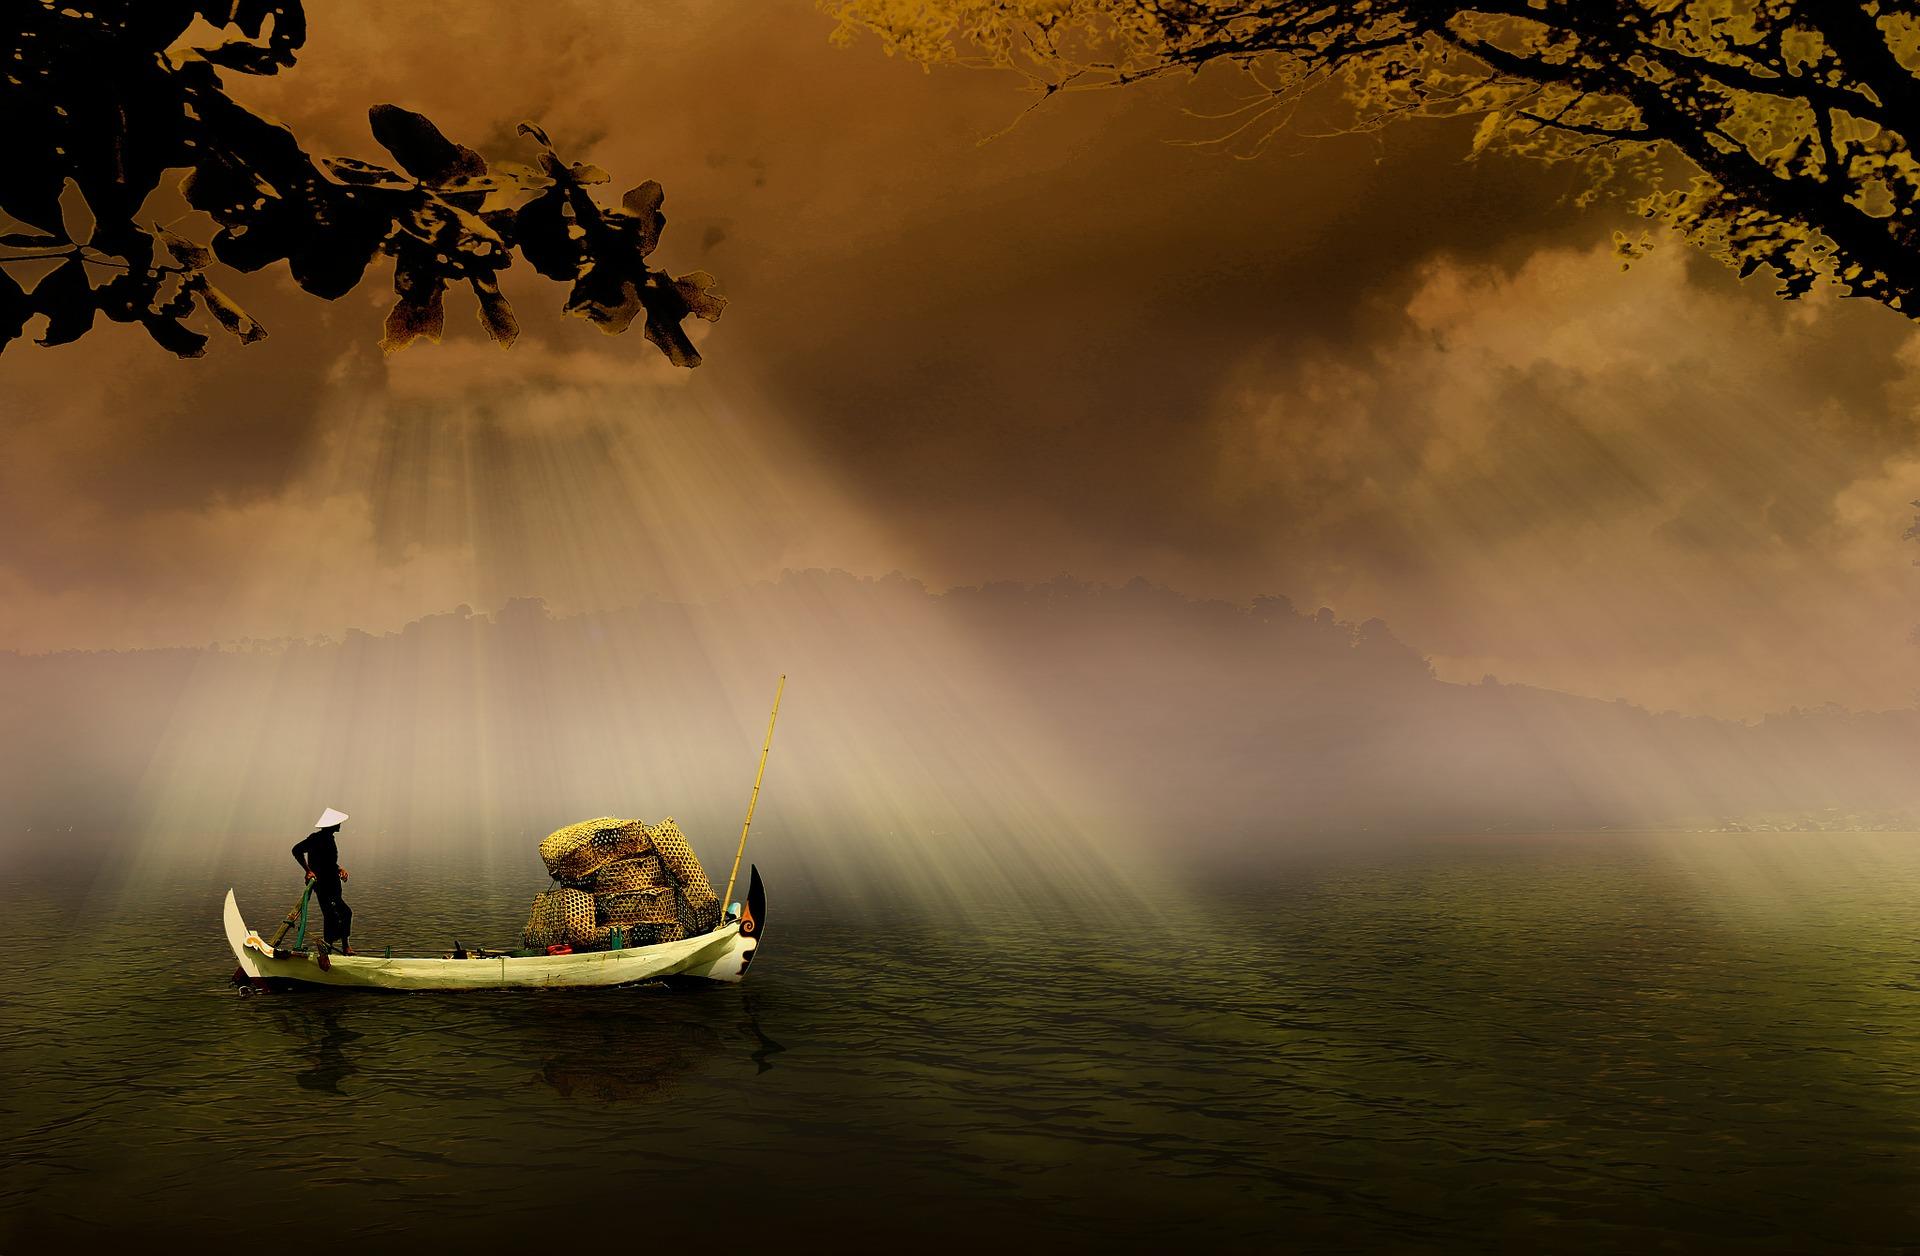 海でボートをのる男性